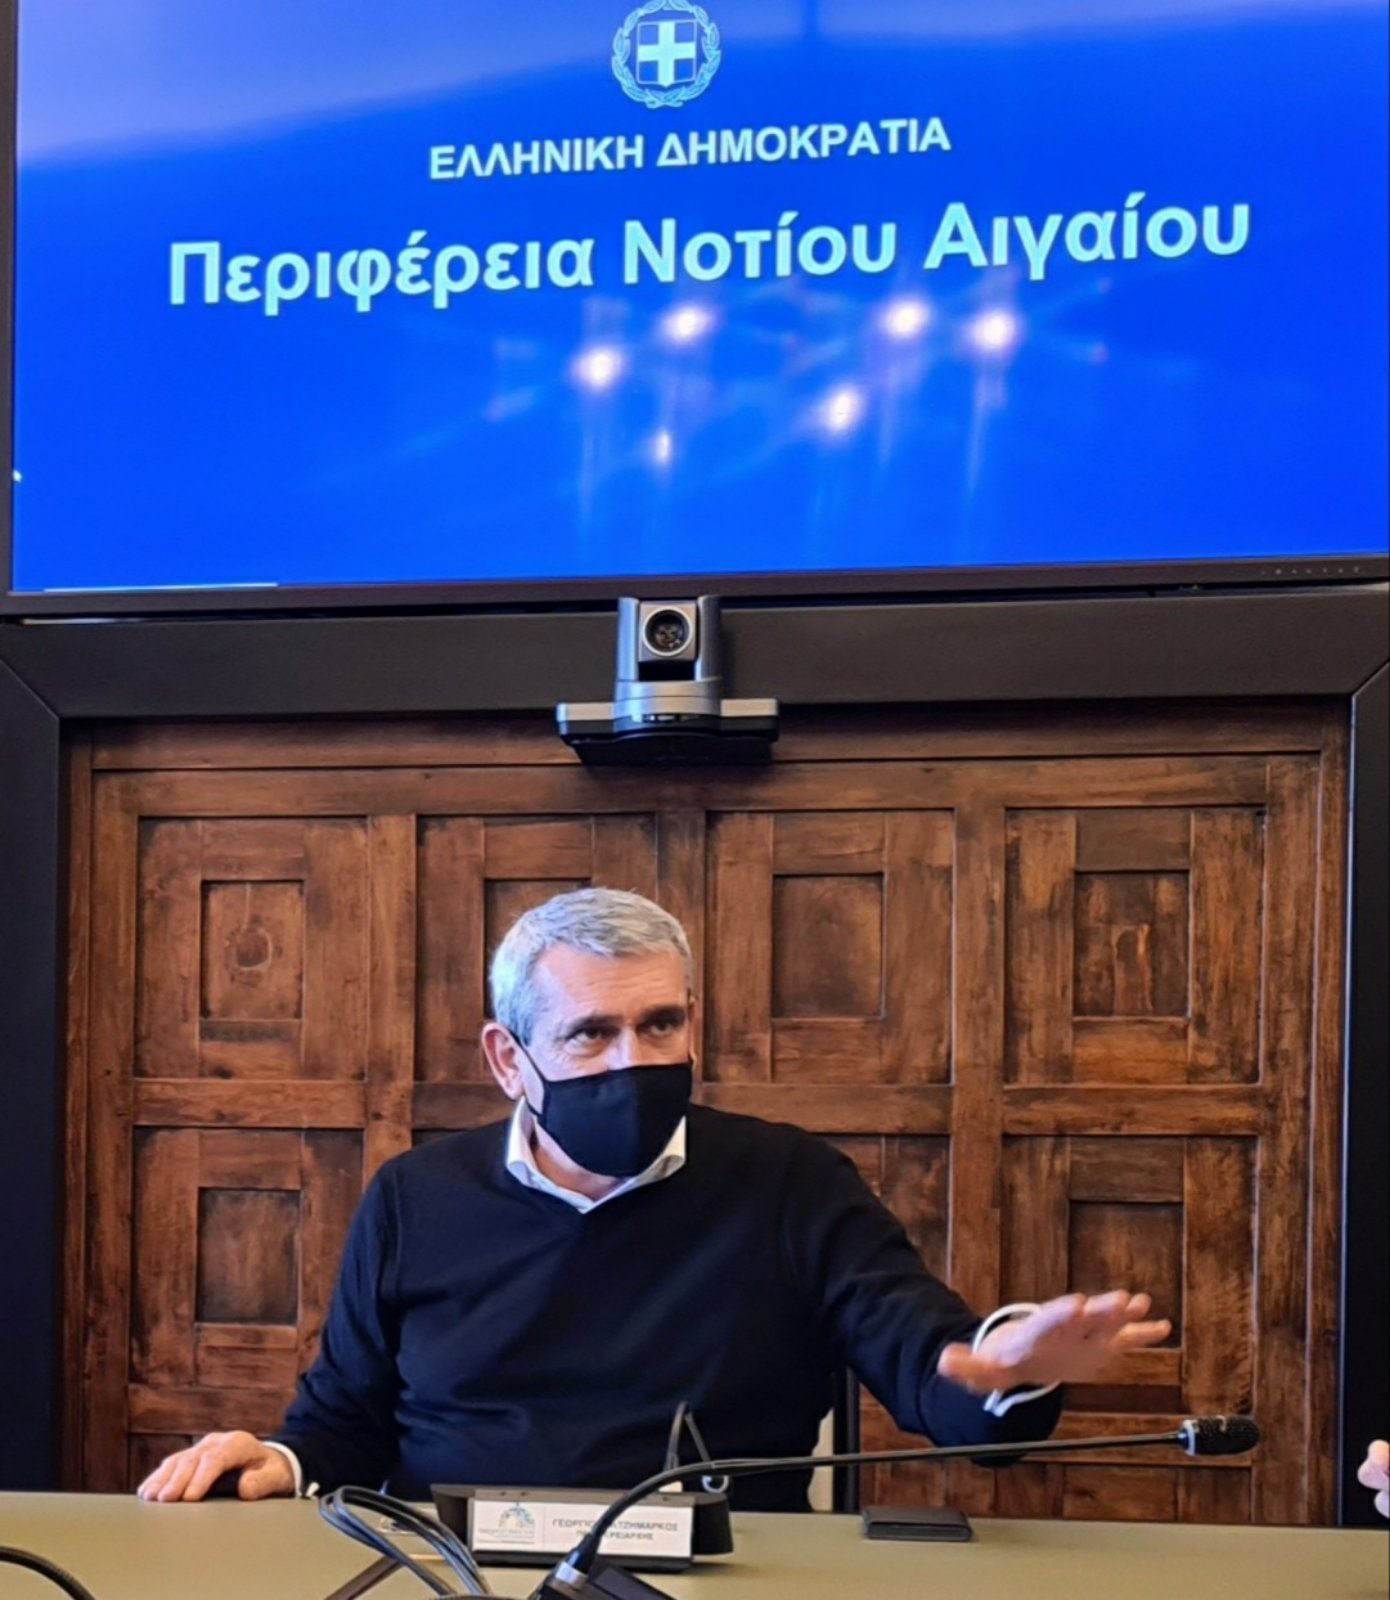 Νοσηλεύεται στο νοσοκομείο ο Γιώργος Χατζημάρκος